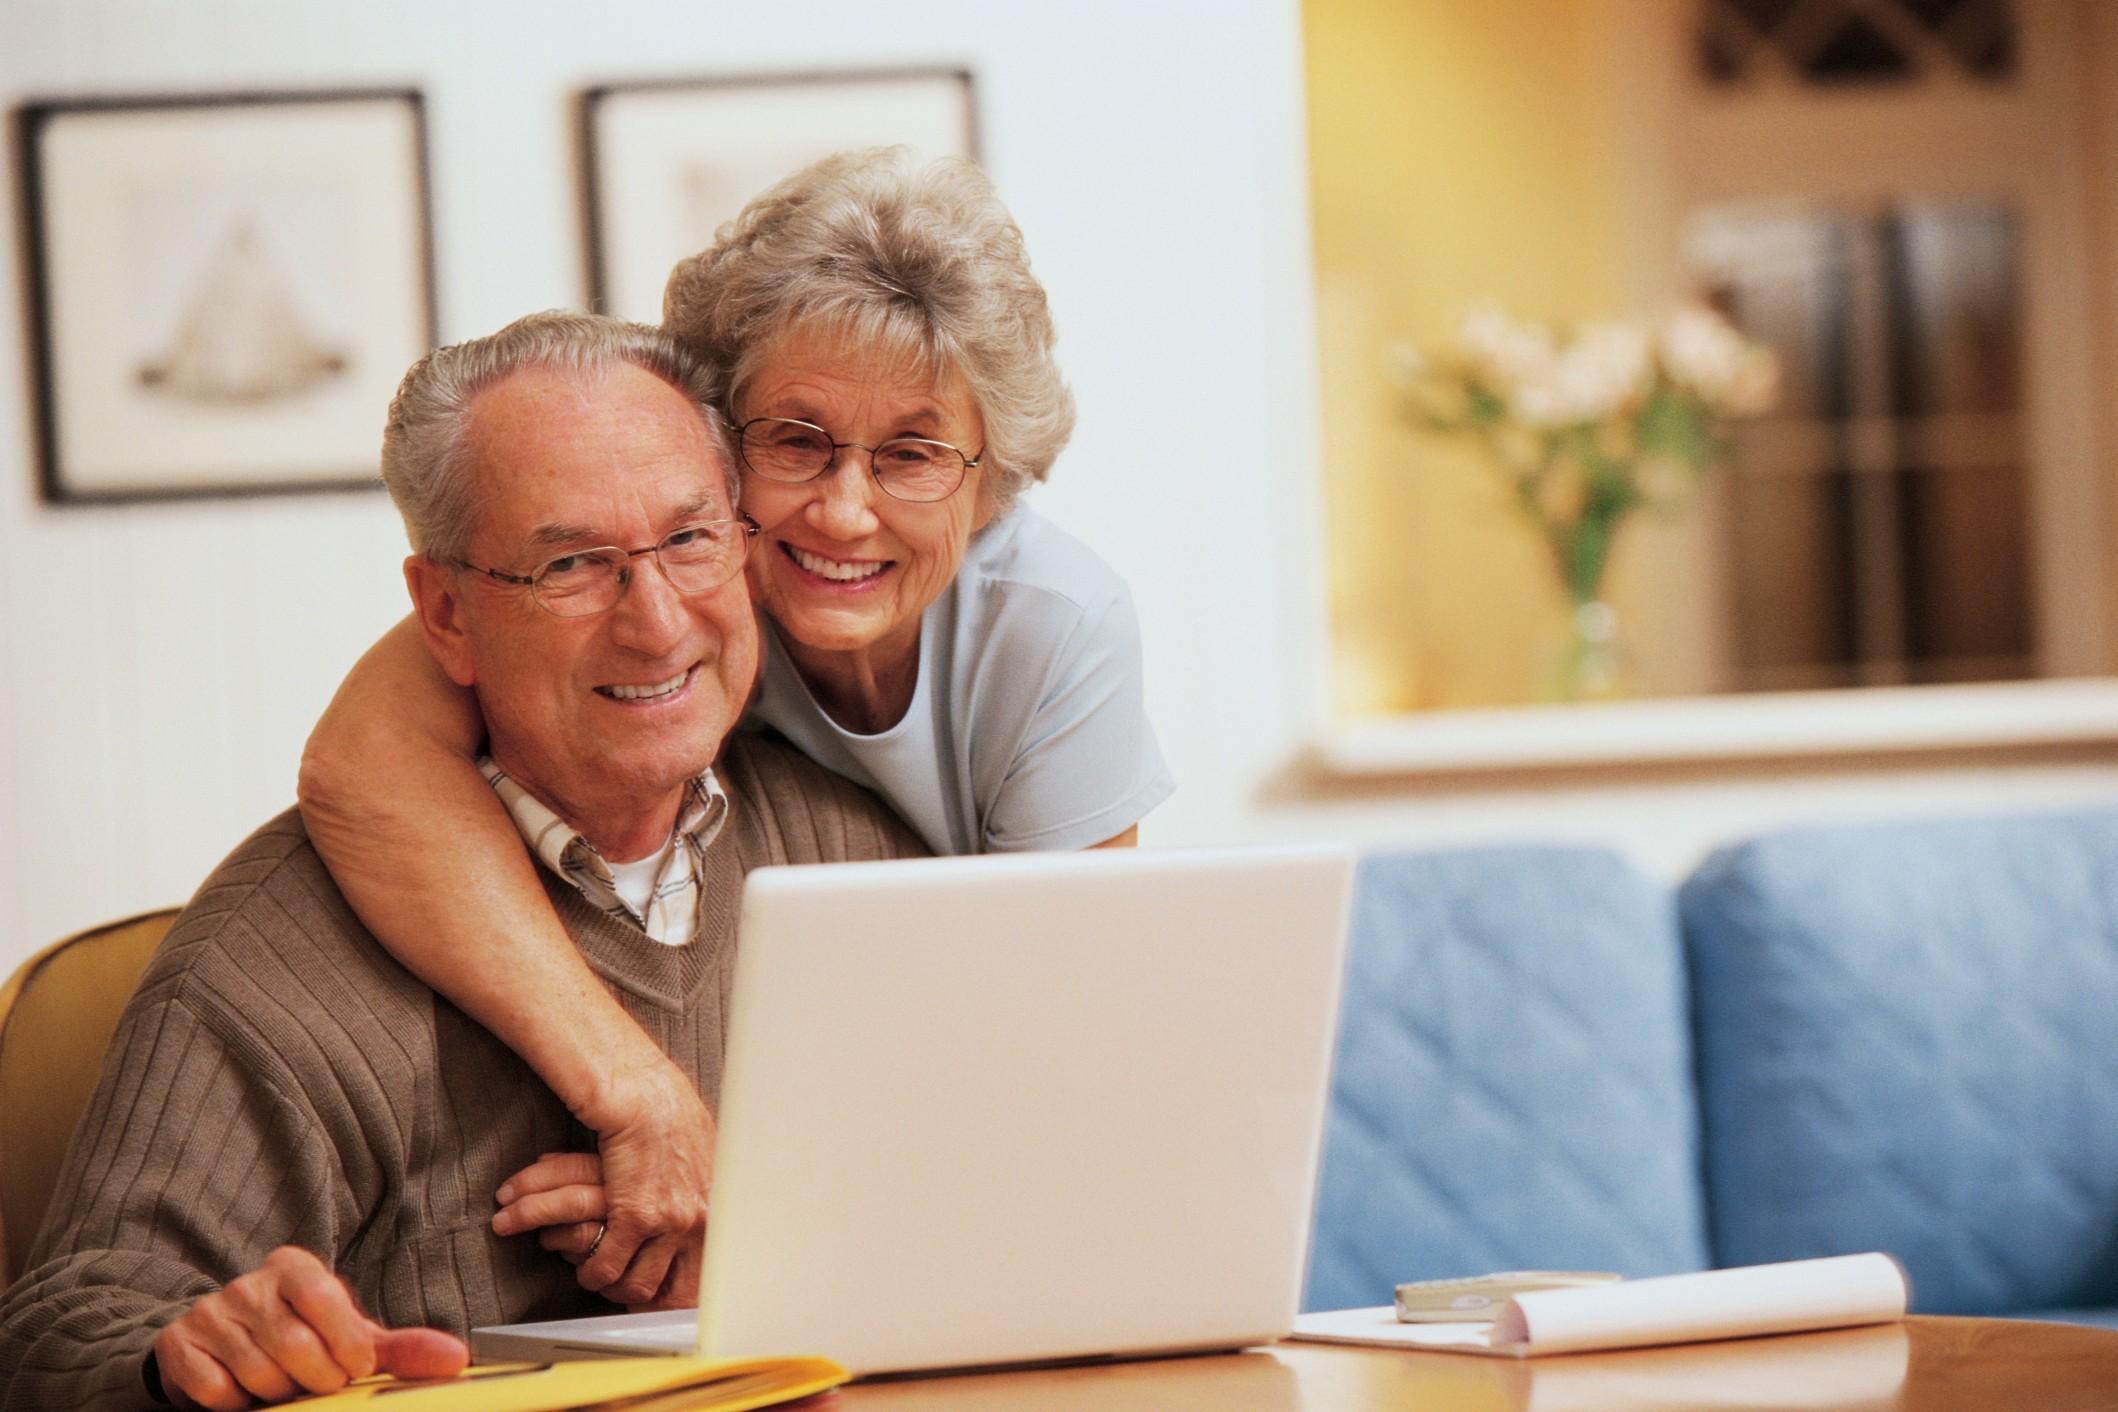 Будет ли уменьшение пенсии работающим пенсионерам